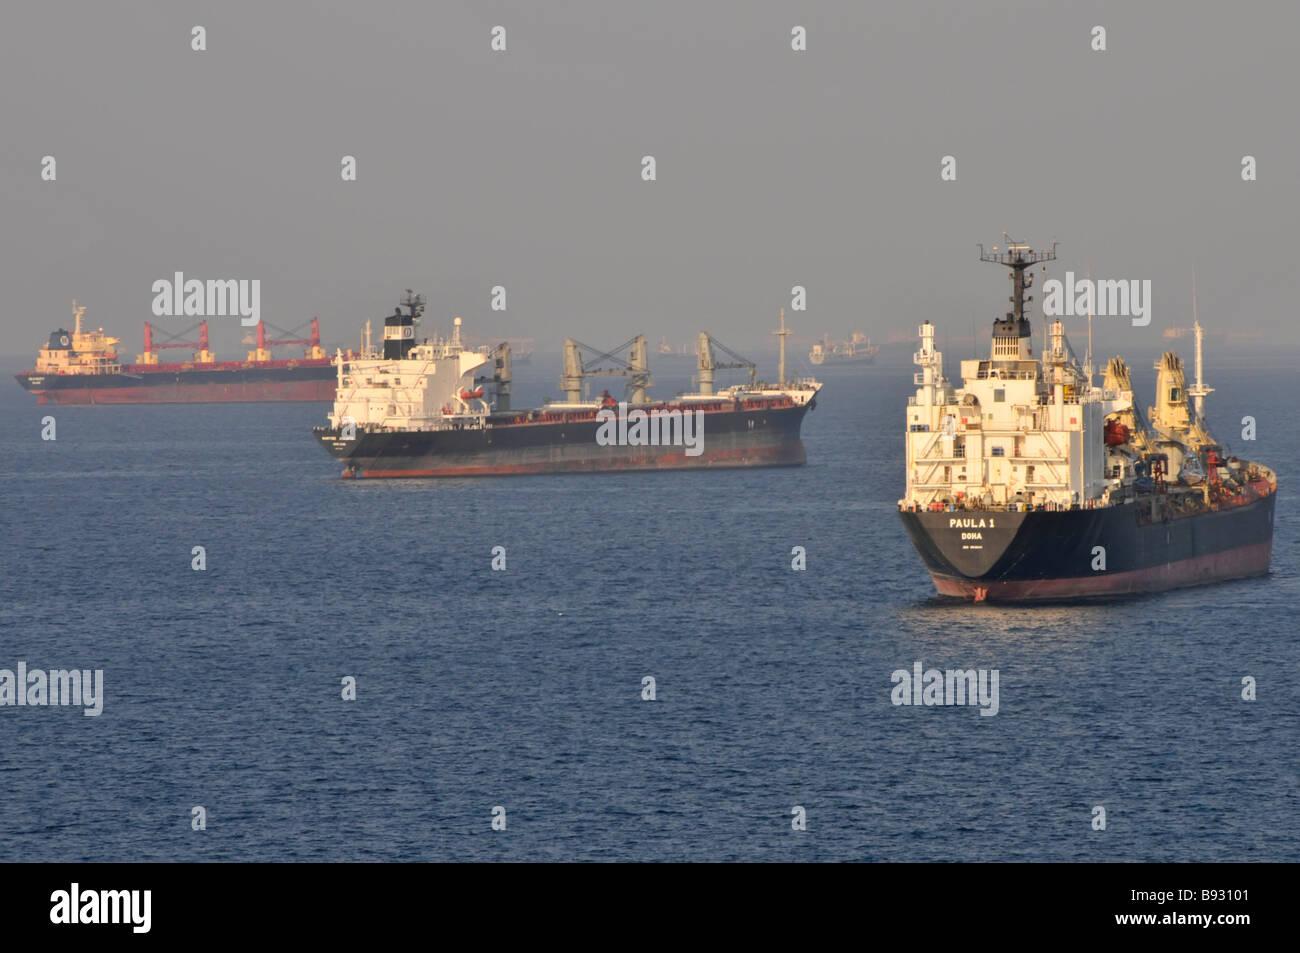 Navires à vide y compris des vraquiers et des pétroliers à l'ancre au large des côtes de Dubaï dans le golfe d'Oman, près de Détroit d'Ormuz vue dans le lointain de la brume sèche Banque D'Images